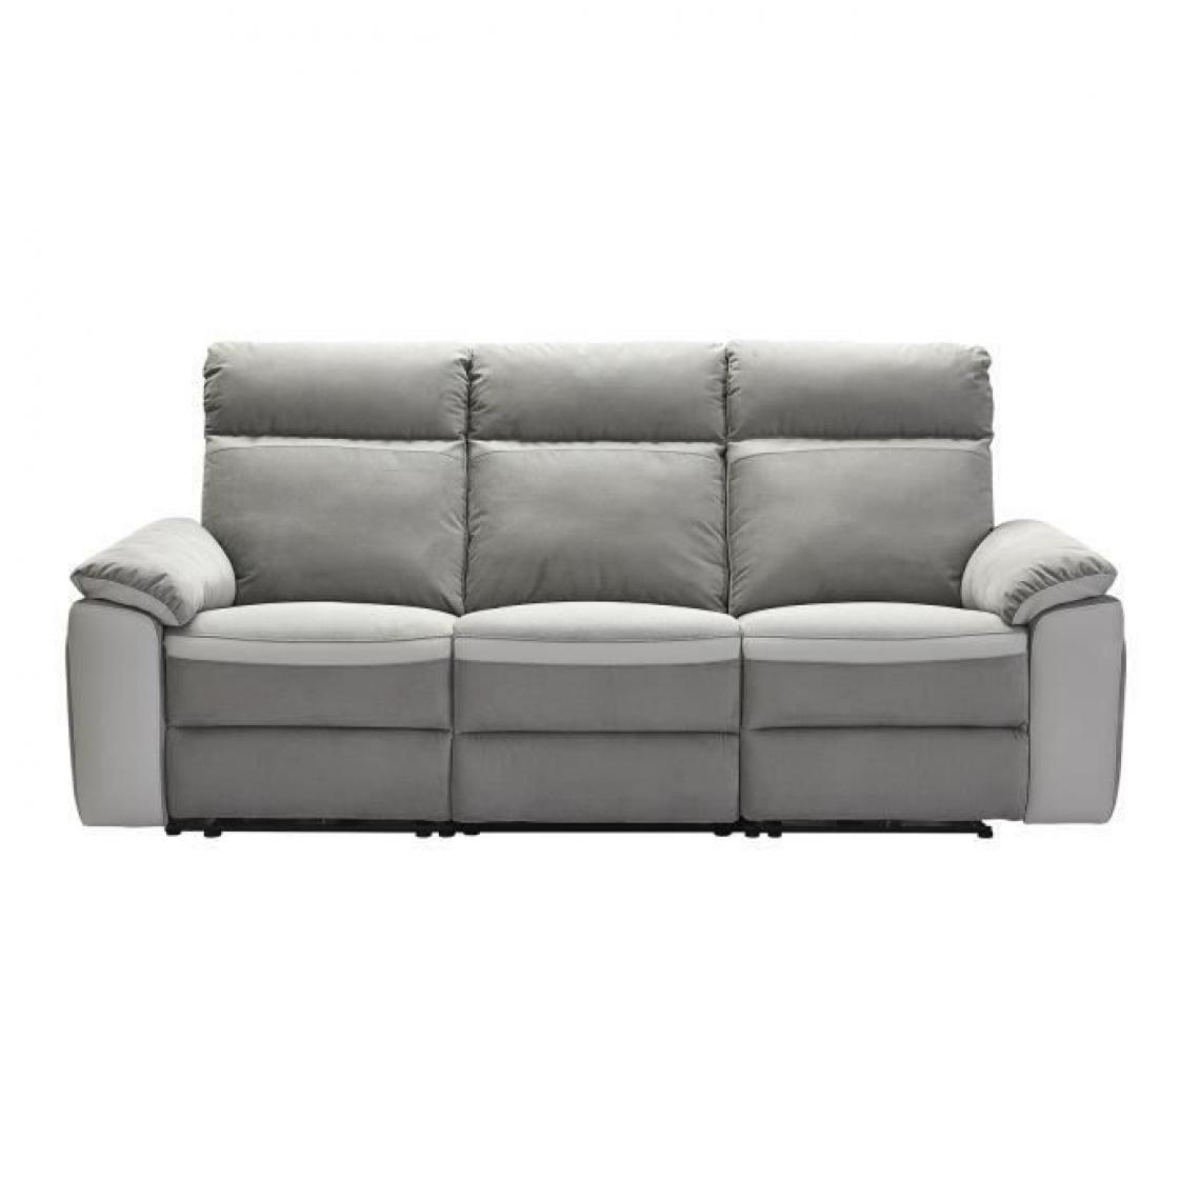 Sans Marque SANTOS Canape 3 places avec 2 assises electriques - Tissu gris et anthracite - L 215 x P 93 x H 99 cm